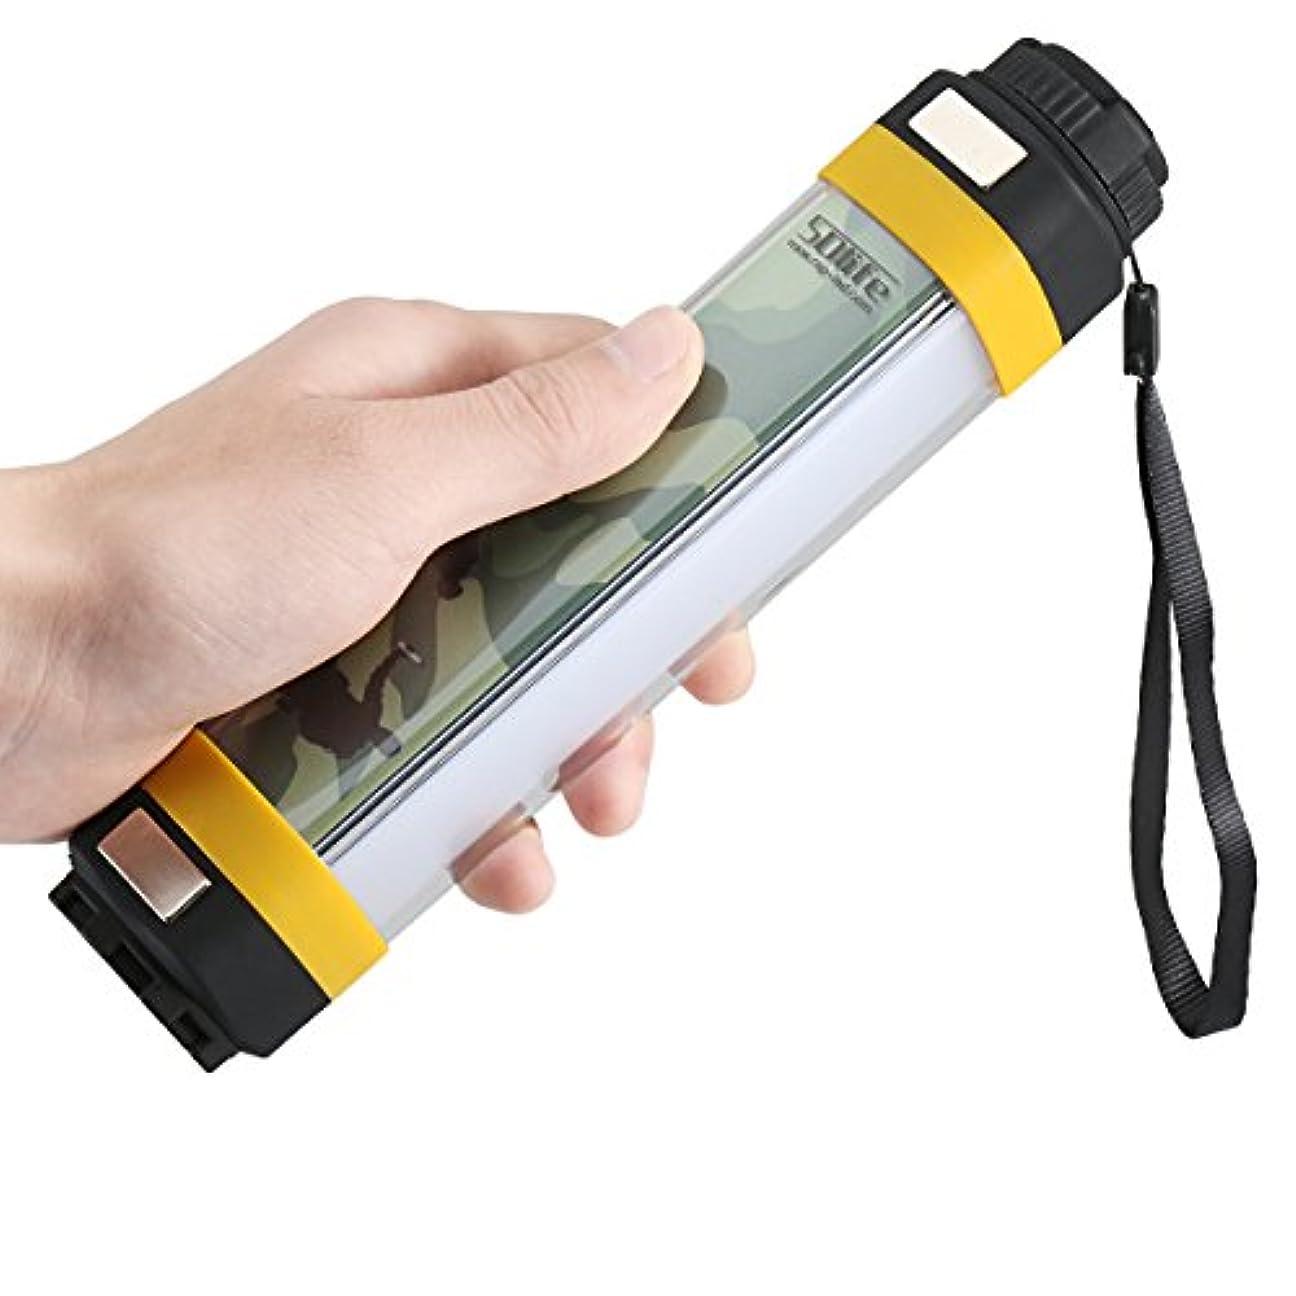 うがいネックレット洪水キャンプ用ランタン、SDlife緊急用ライトポータブル屋外懐中電灯USB充電式キャンプ用ハイキングSOSフラッシングモード